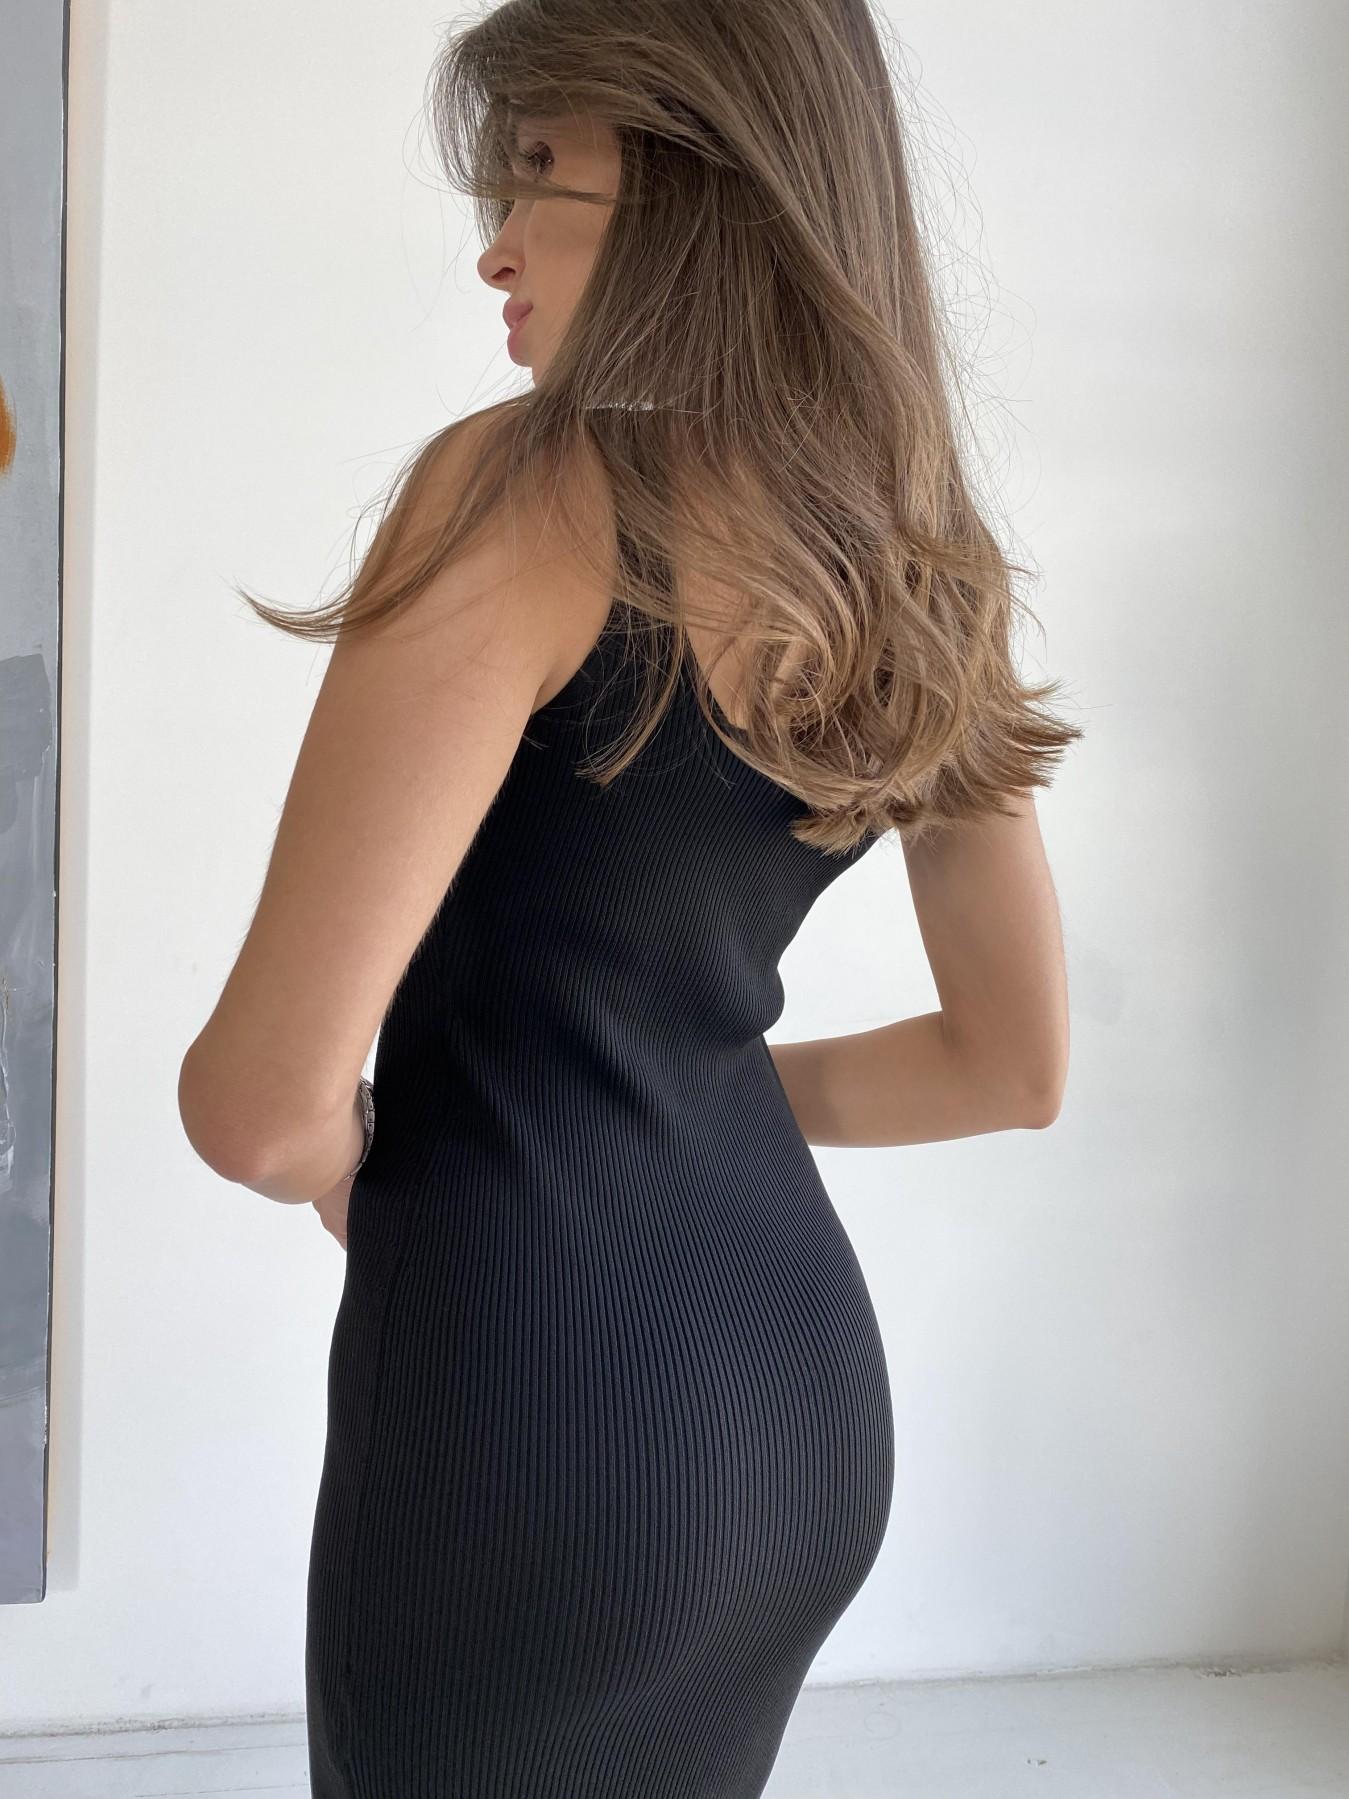 Платье 91798 АРТ. 48056 Цвет: Черный - фото 4, интернет магазин tm-modus.ru